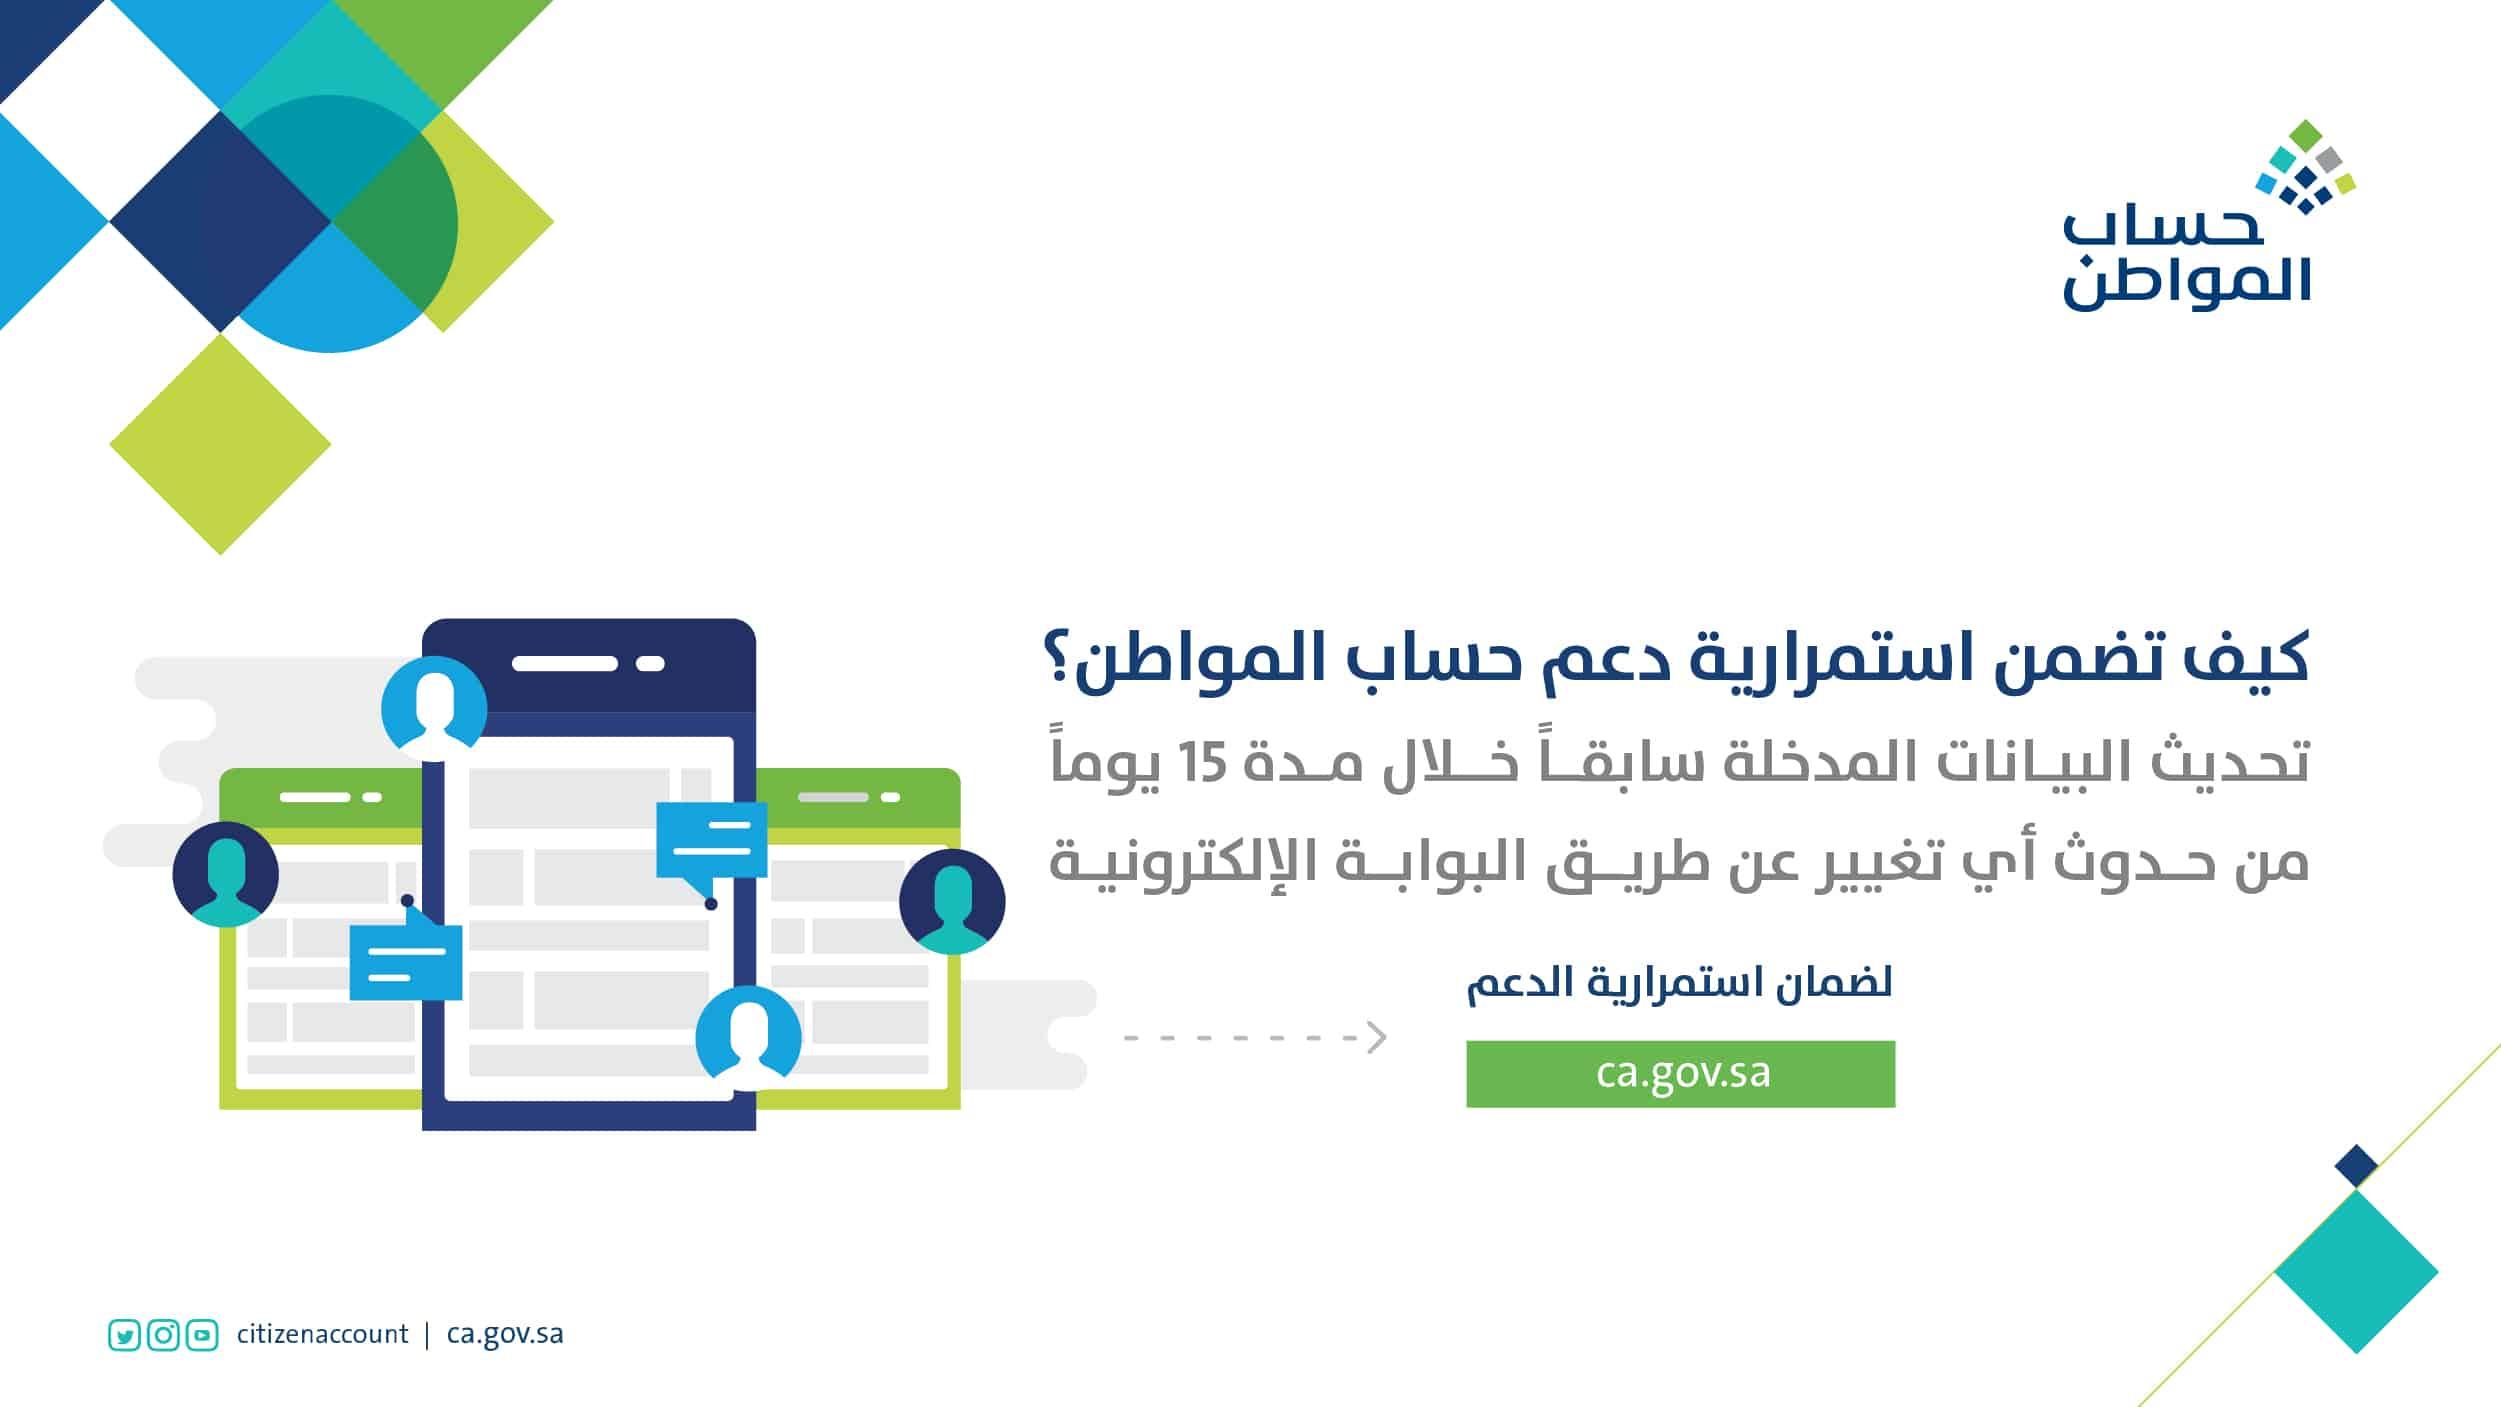 كيفية تحديث بيانات برنامج حساب المواطن لاستمرارية الصرف